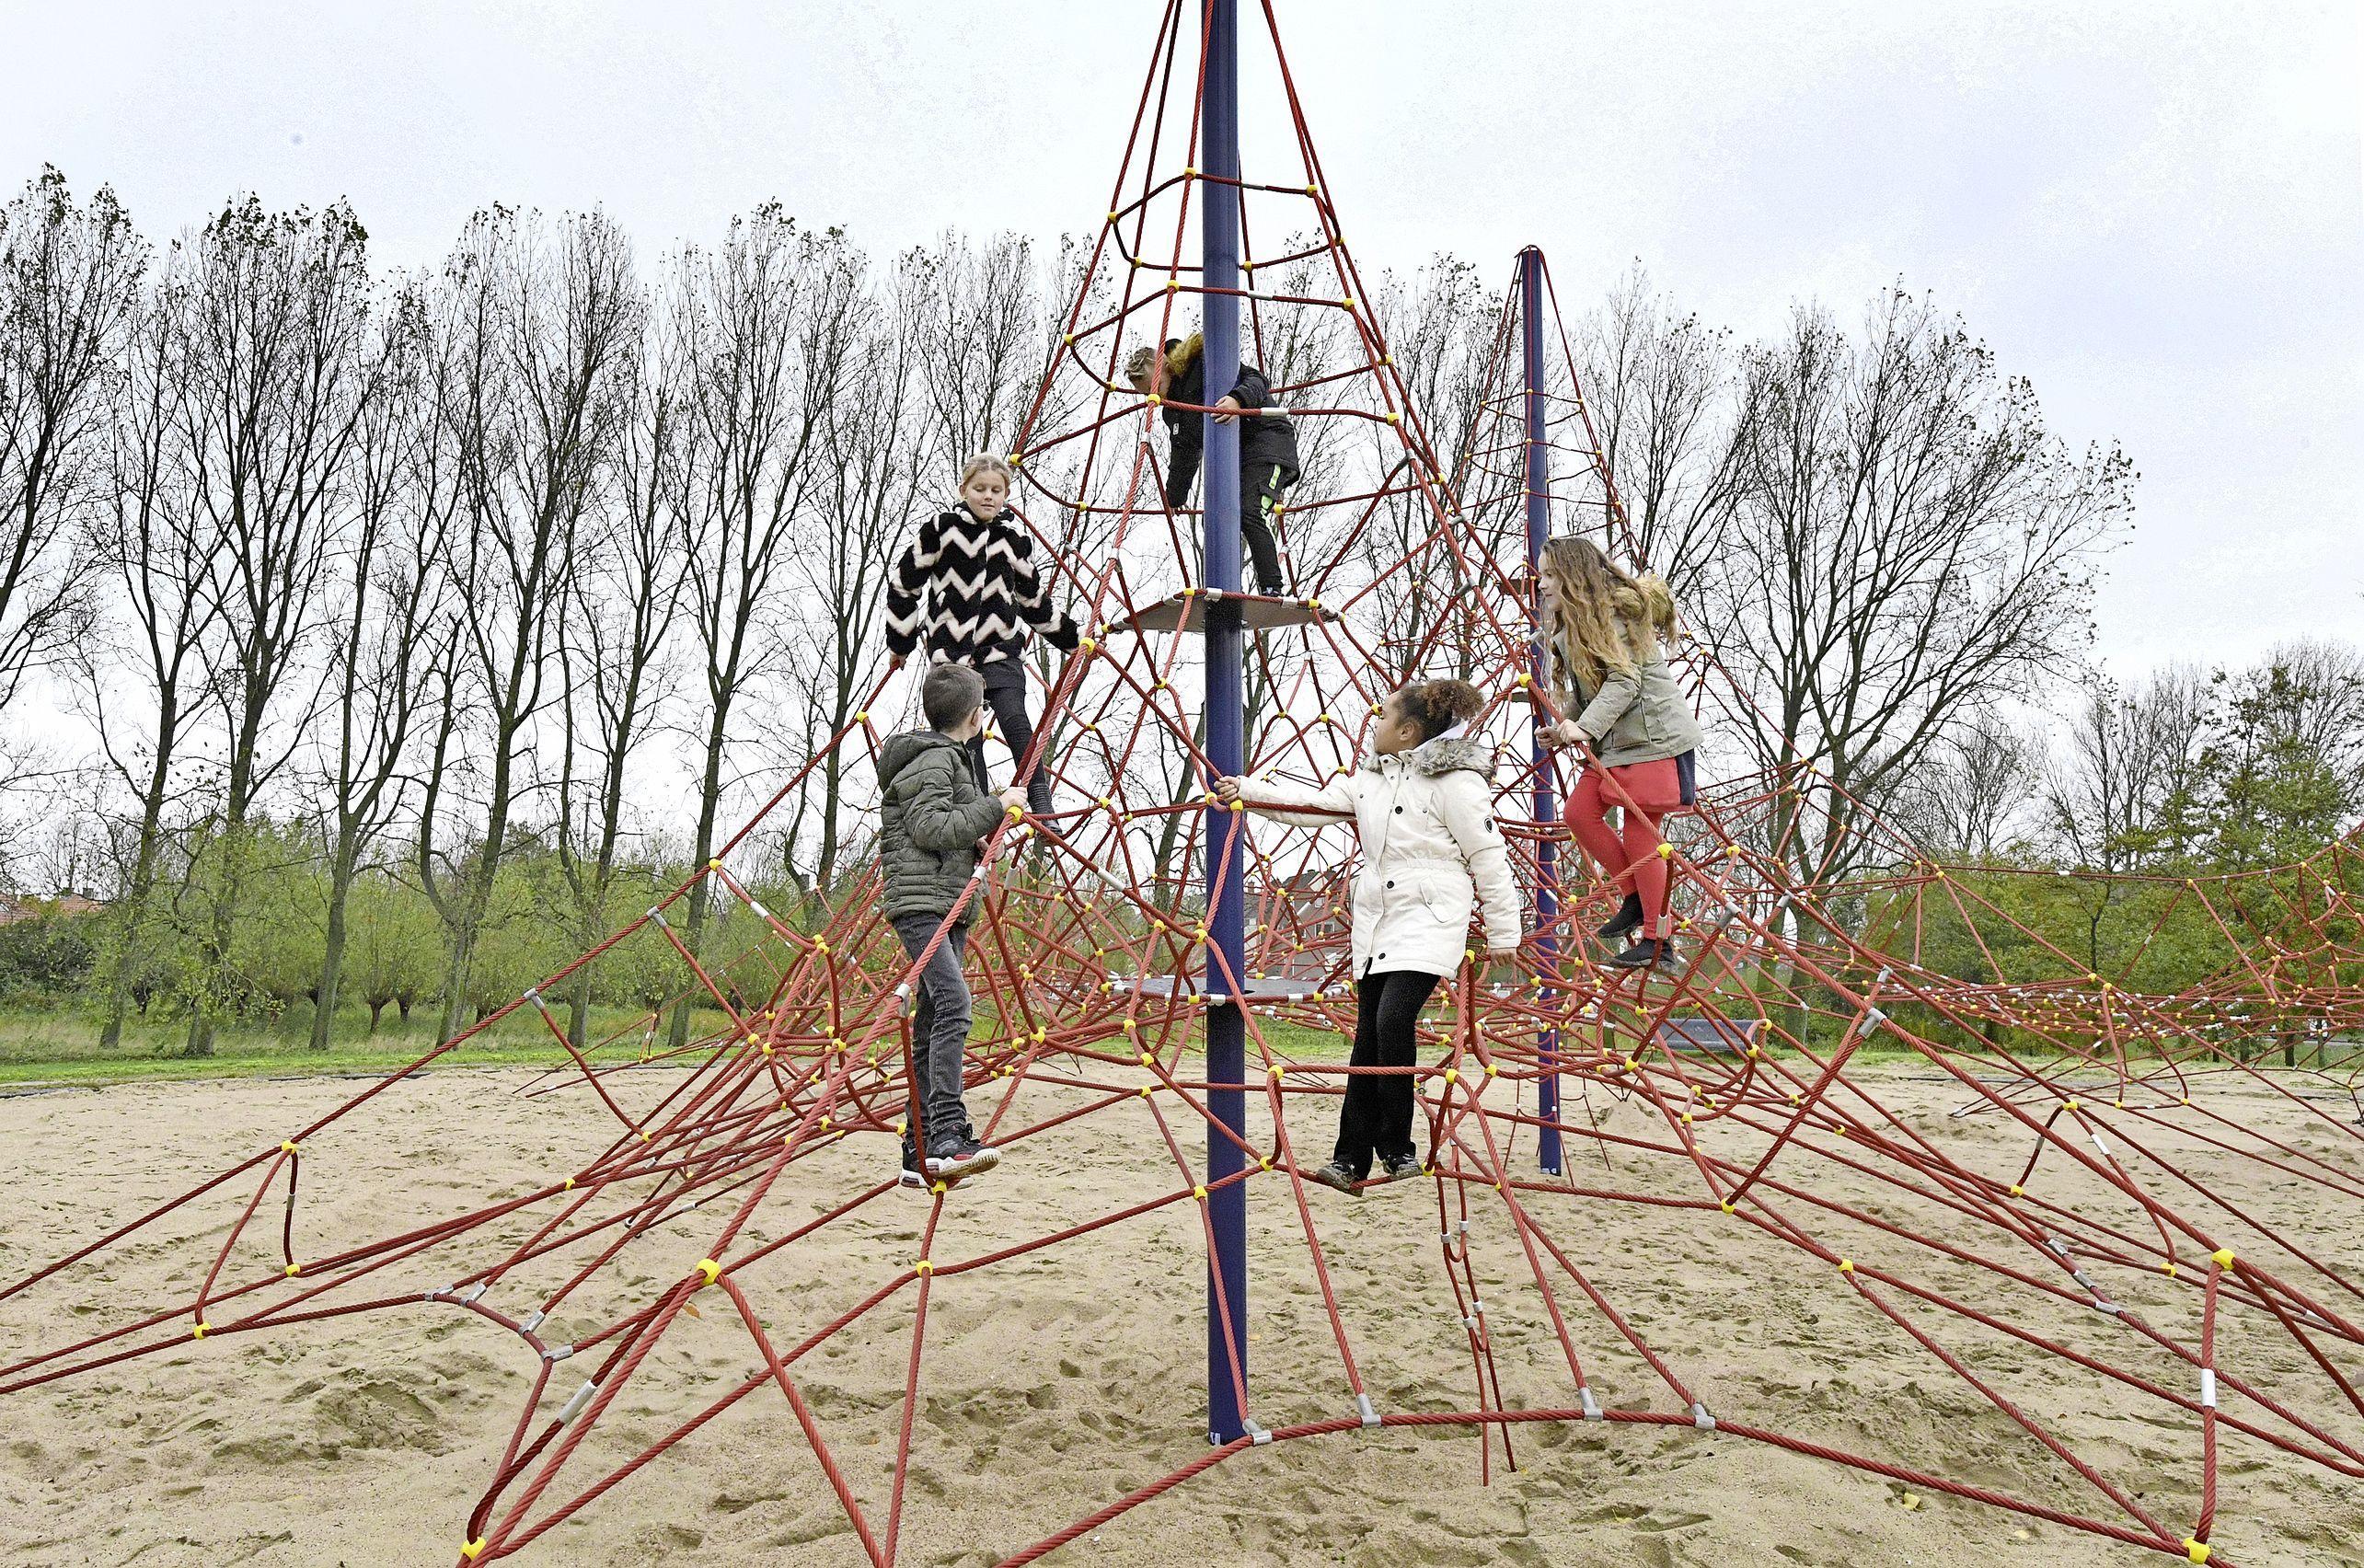 De wipkip is niet meer alleen, Heemstede gaat fors investeren in speelplaatsen